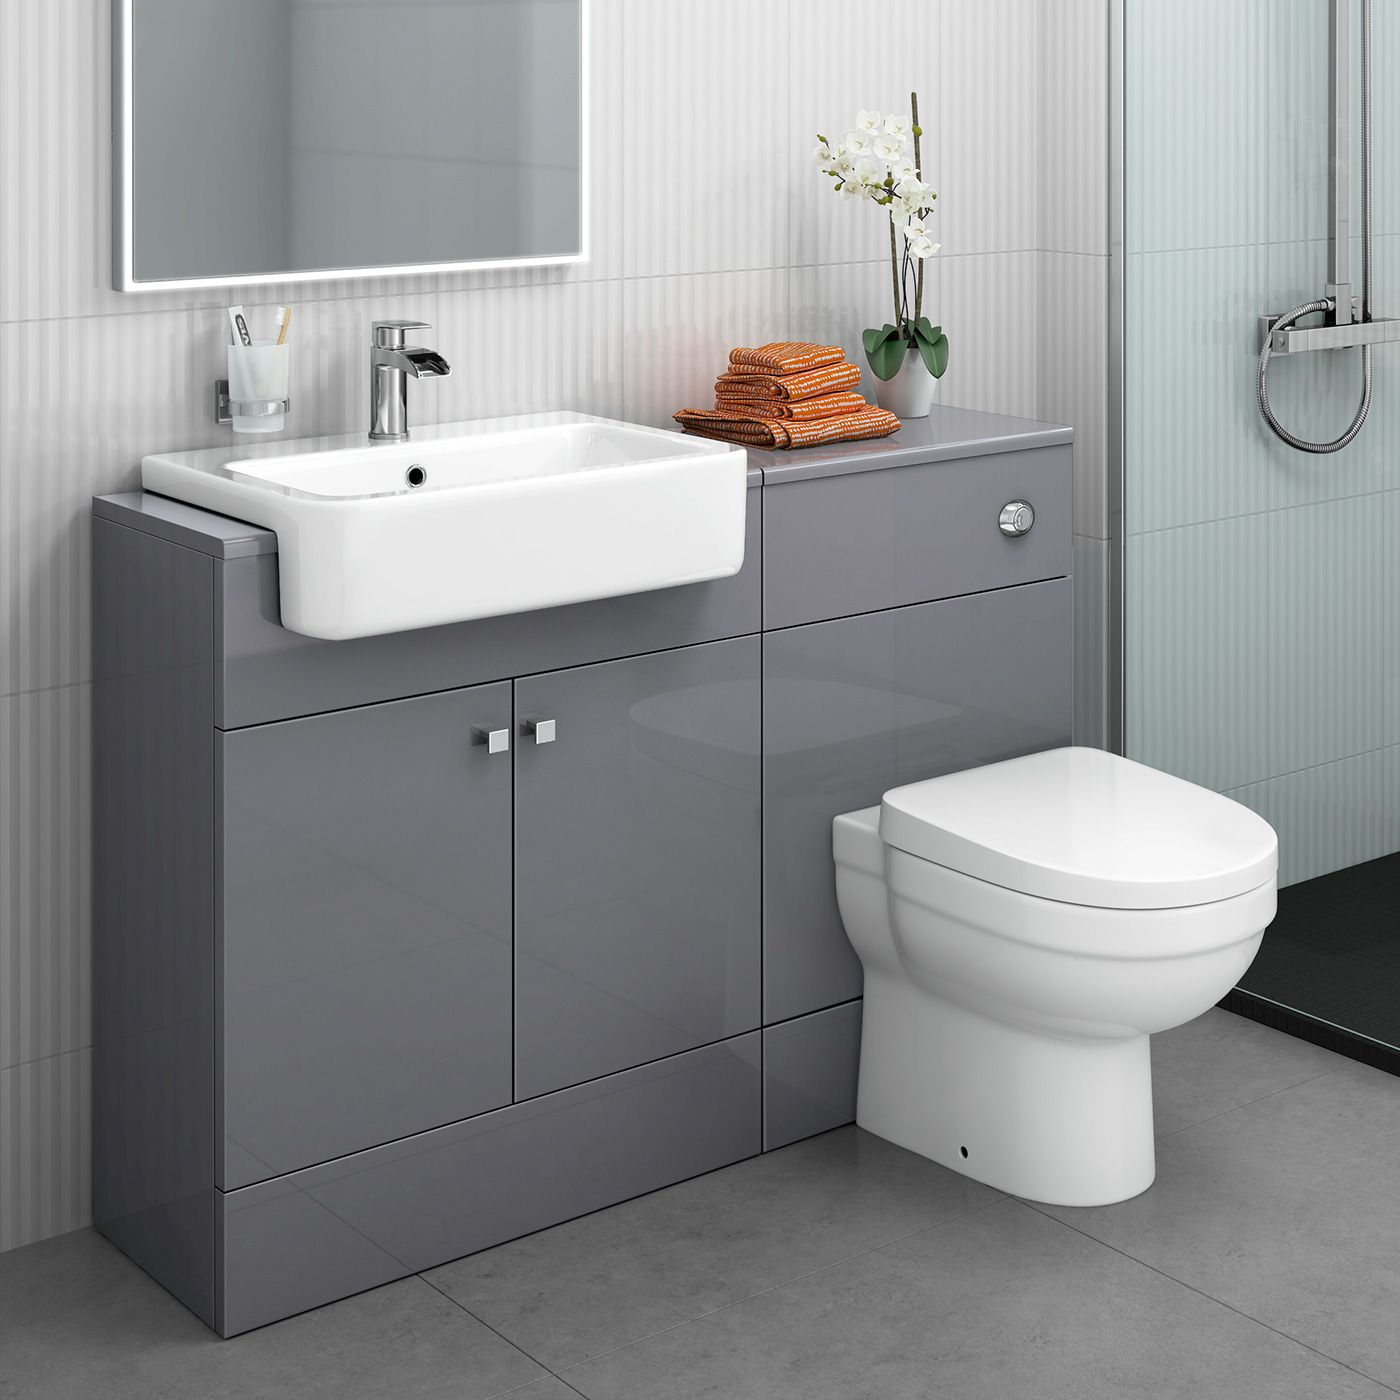 Toilet And Sink Vanity Units Bathroom Vanities Wonderful Toilet Sink Toilet Remodel Contemporary Bathroom Vanity Toilet And Sink Unit